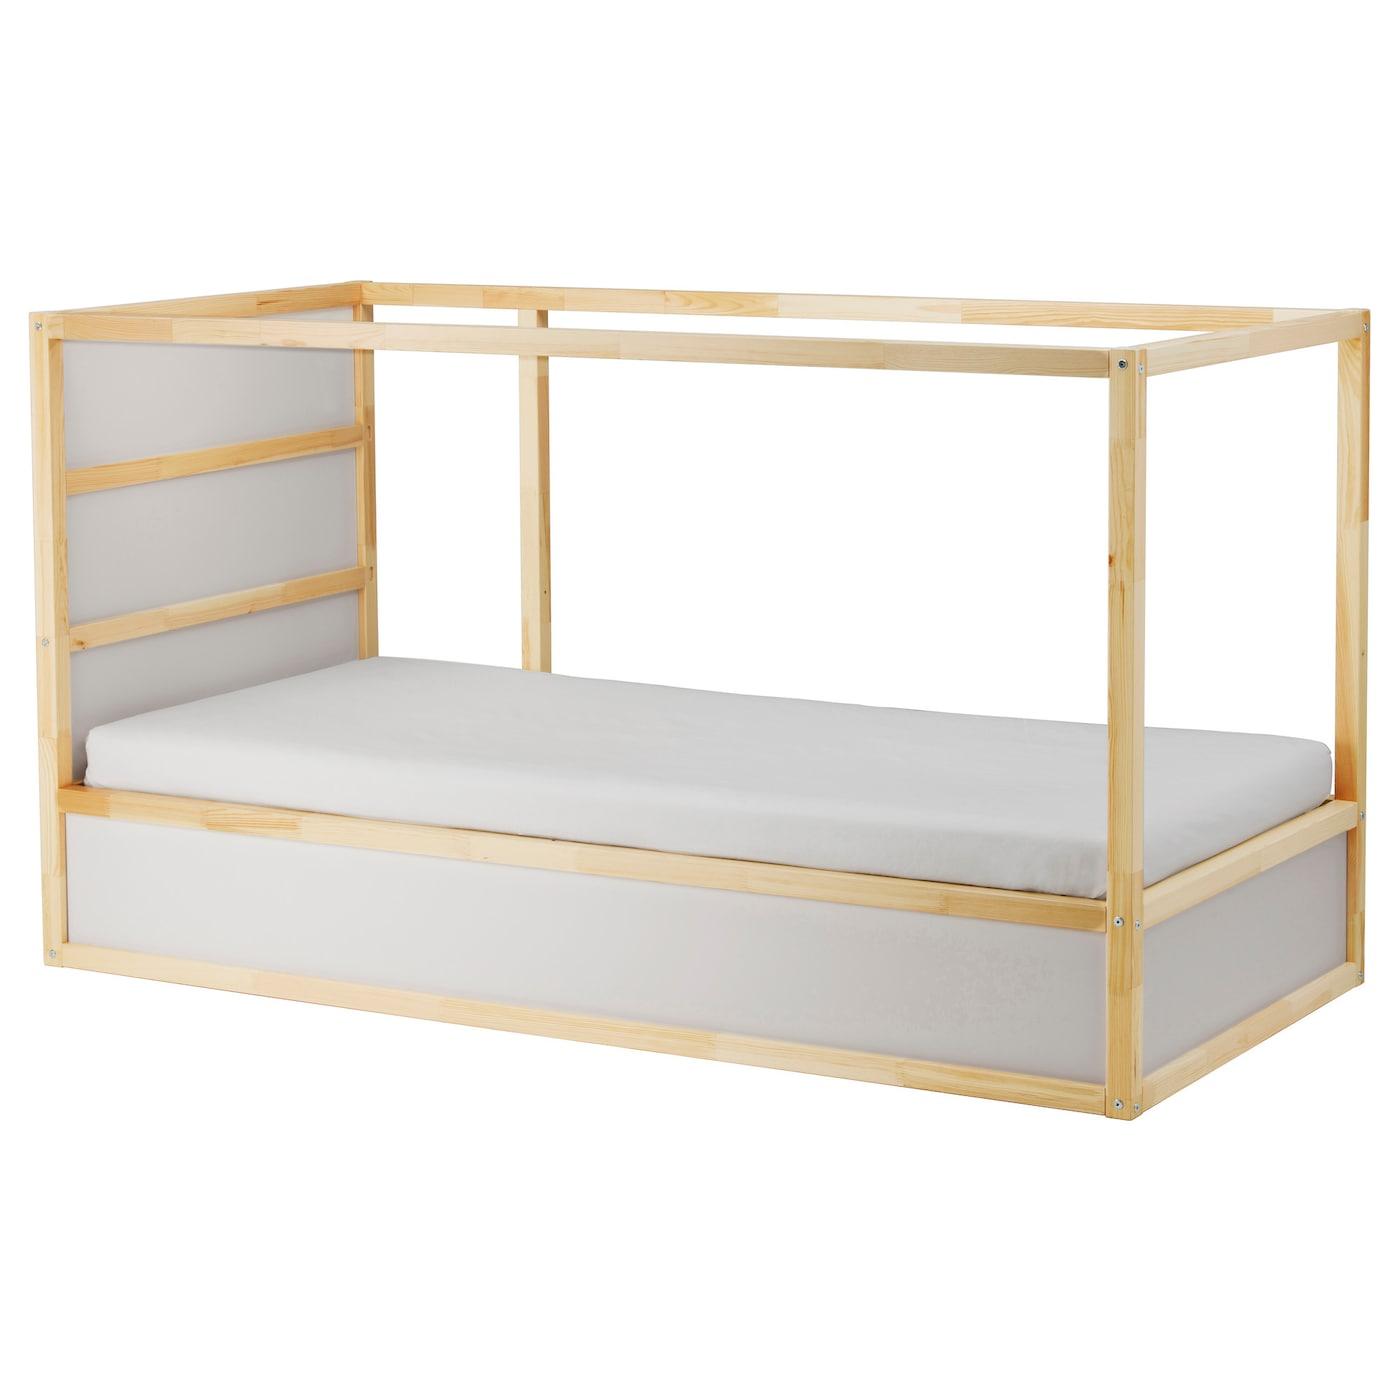 Kura Reversible Bed White Pine